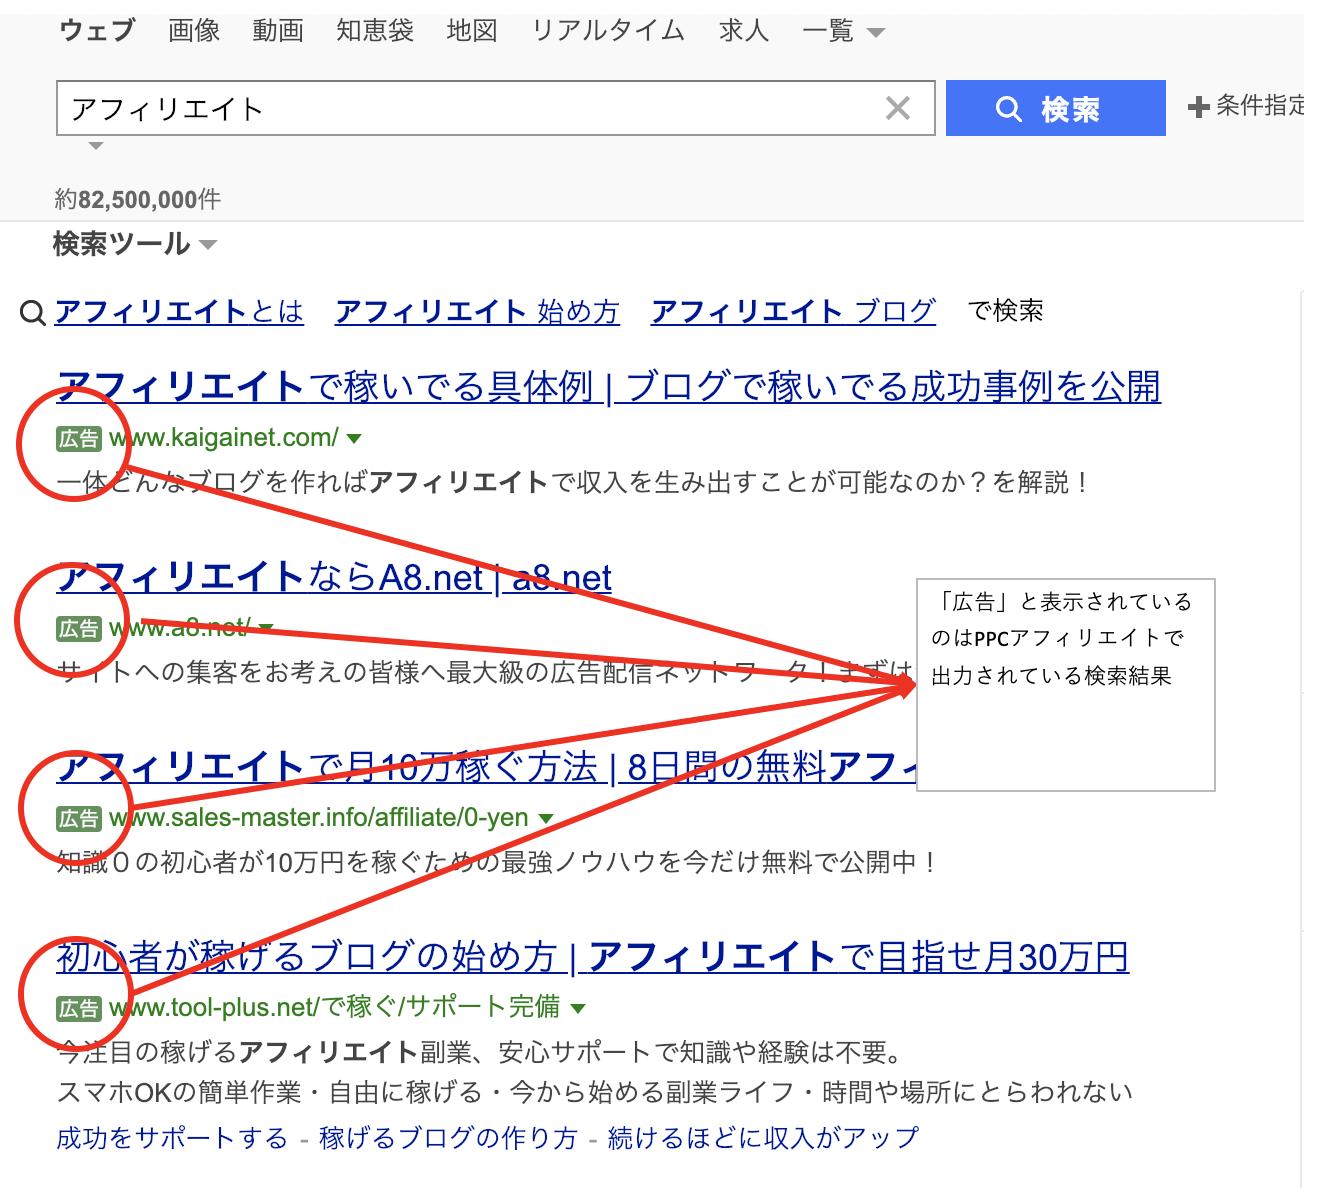 リスティング広告(PPCアフィリエイト)で表示された検索結果